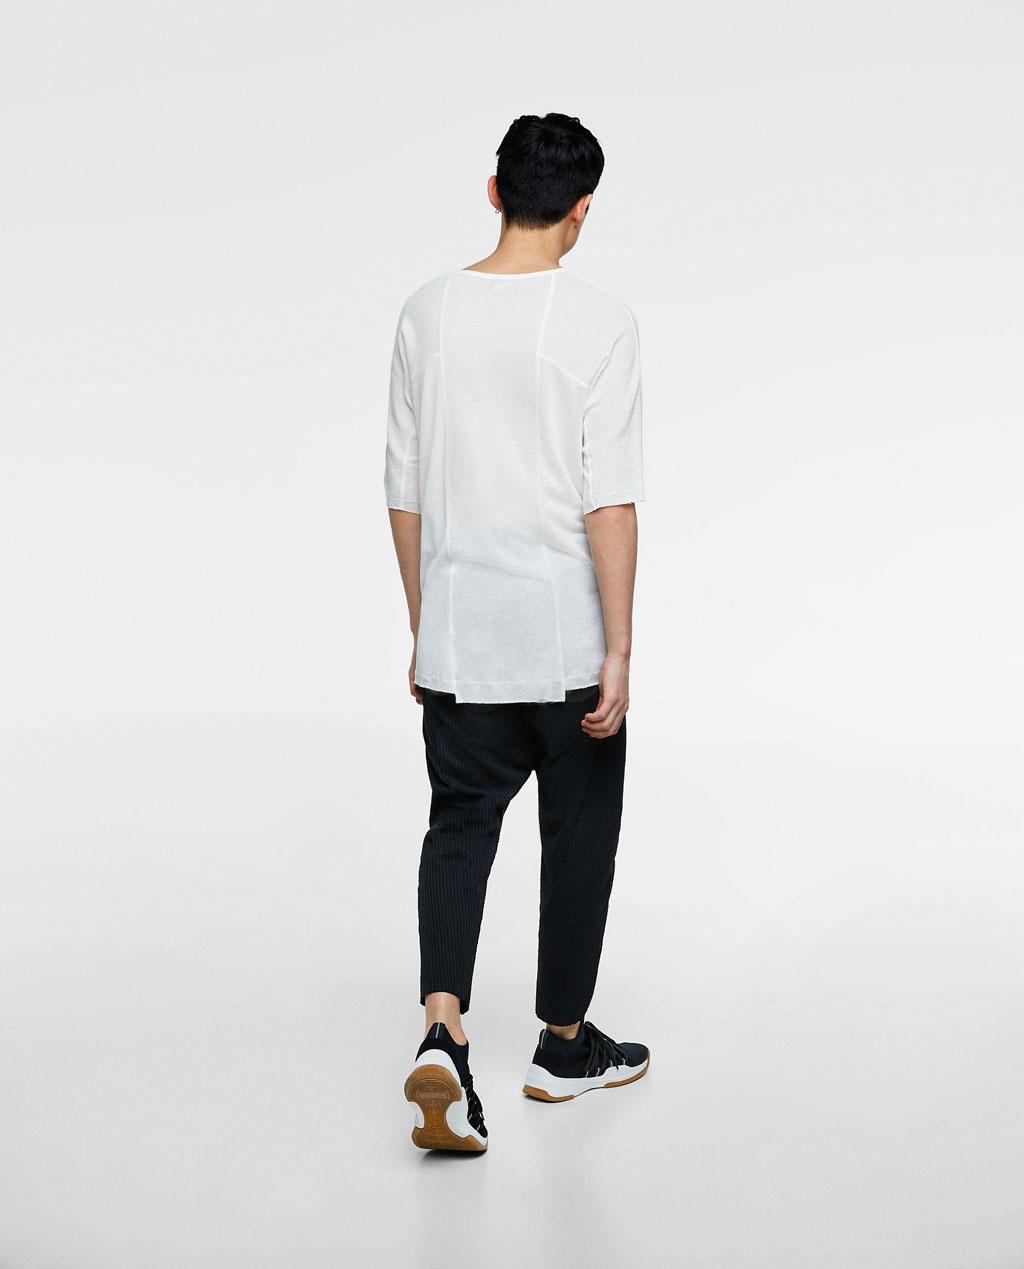 Thời trang nam Zara  23910 - ảnh 5